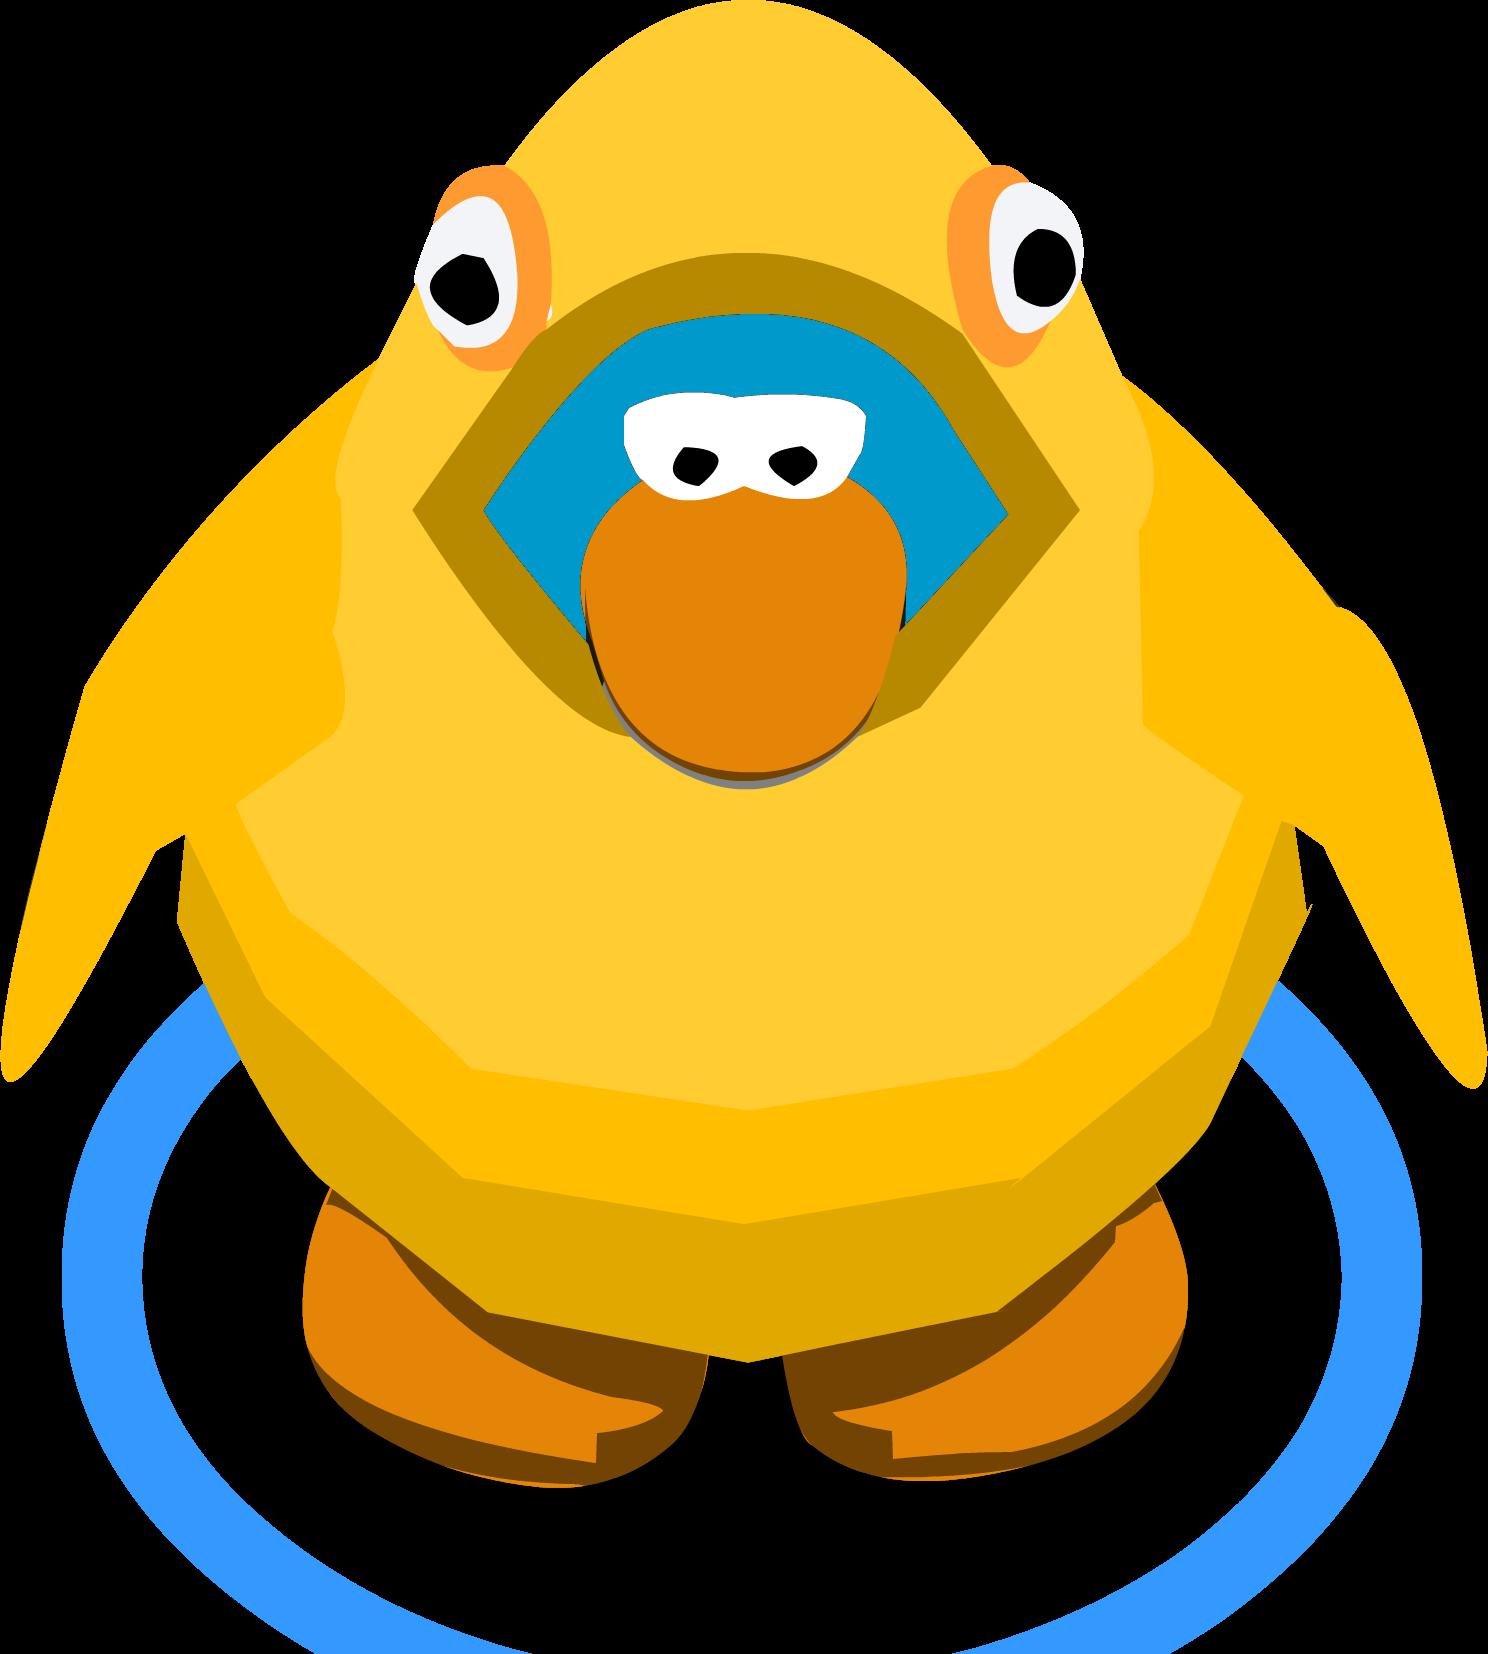 Fish (character)